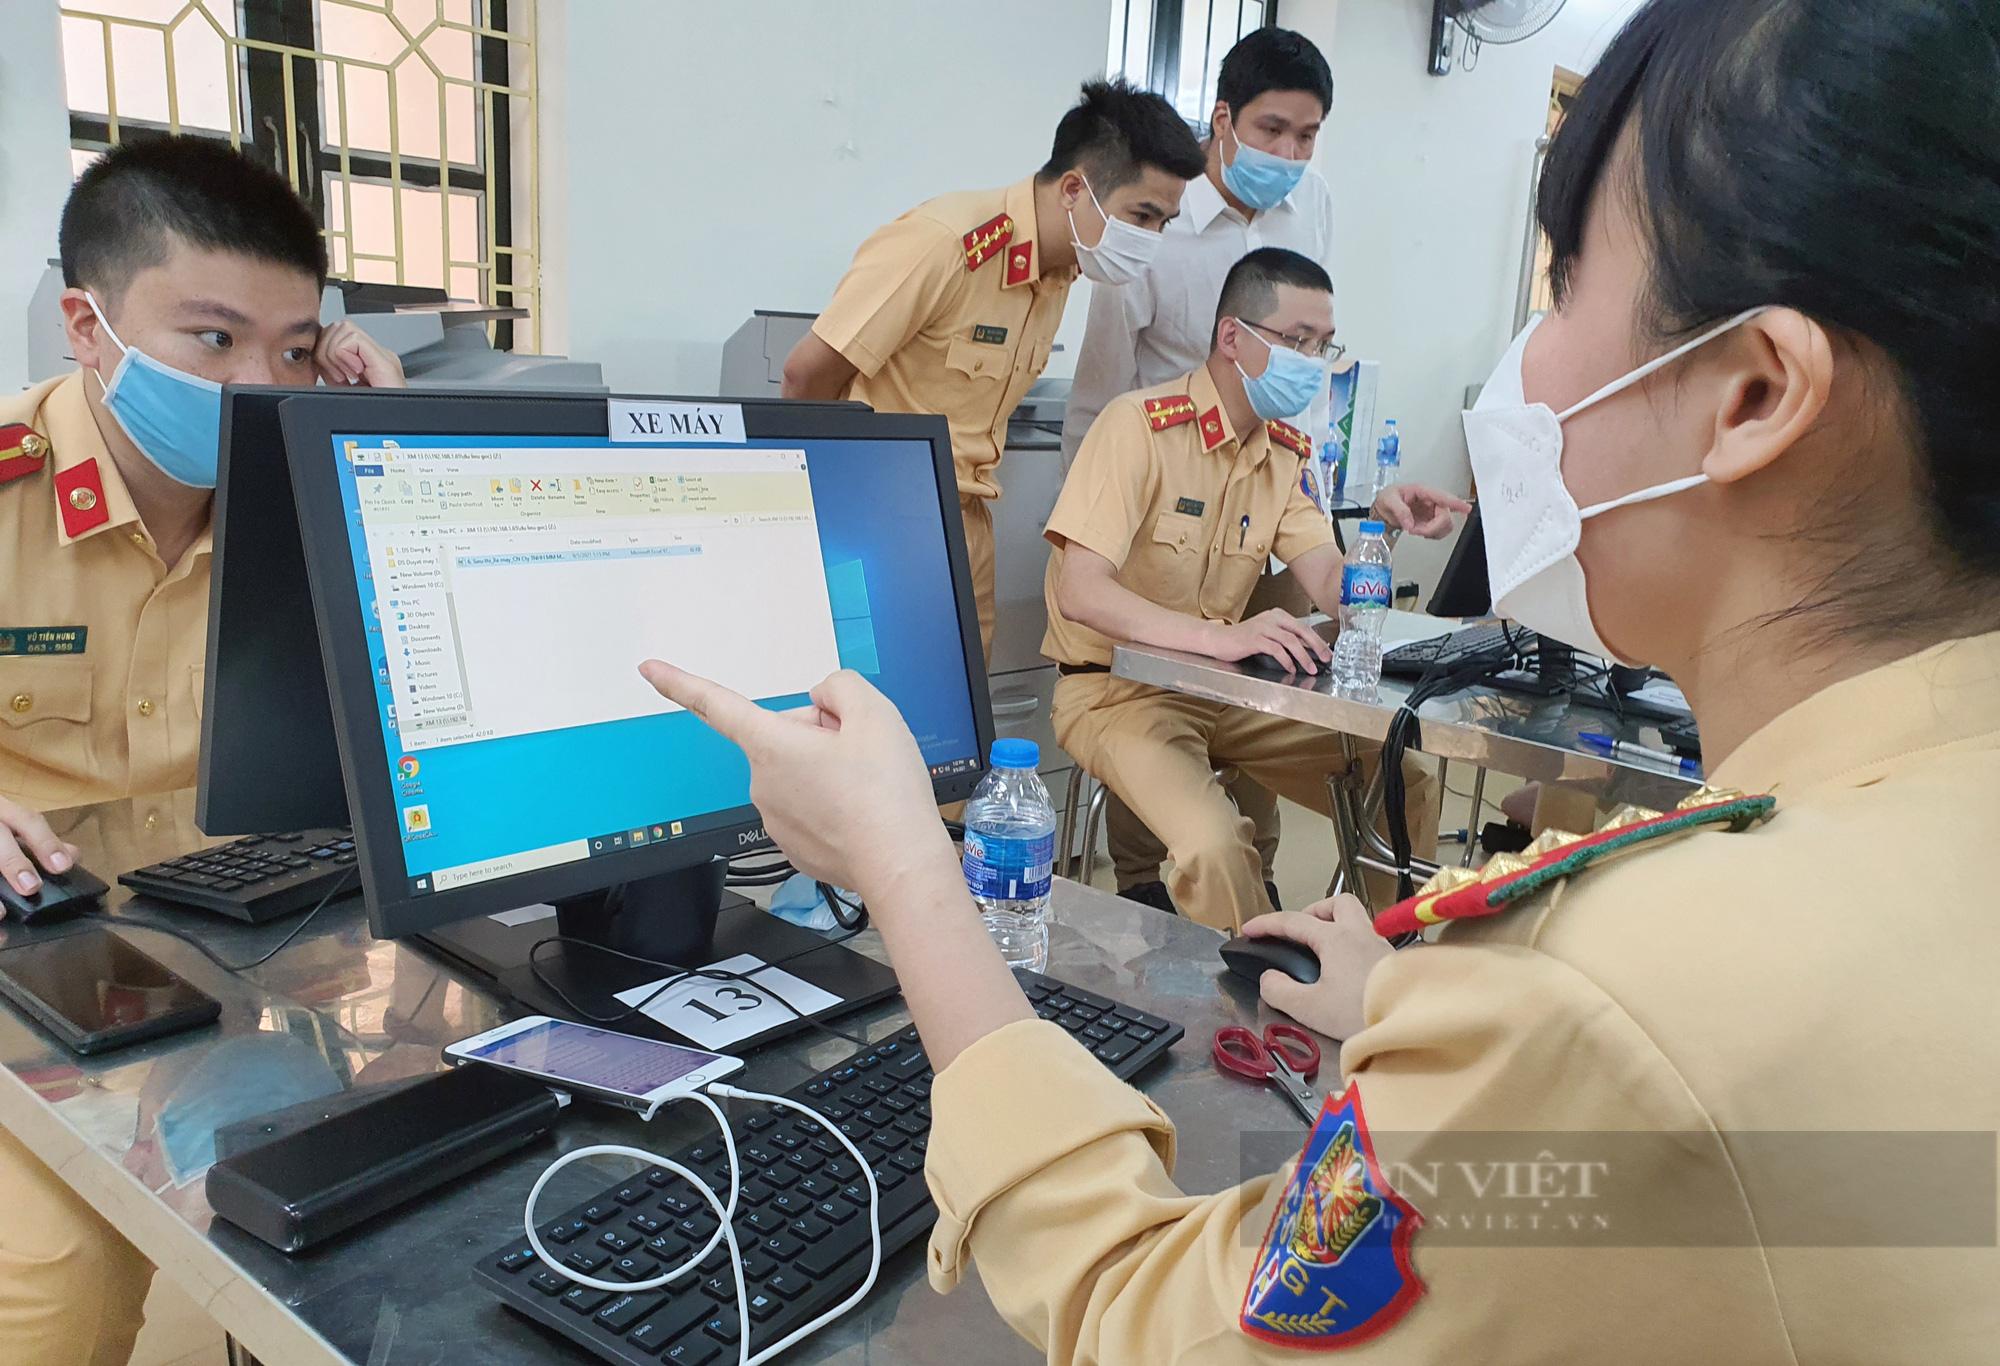 Cận cảnh những giấy đi đường kèm mã QR code đầu tiên được cấp ở Phòng CSGT - CATP Hà Nội - Ảnh 6.